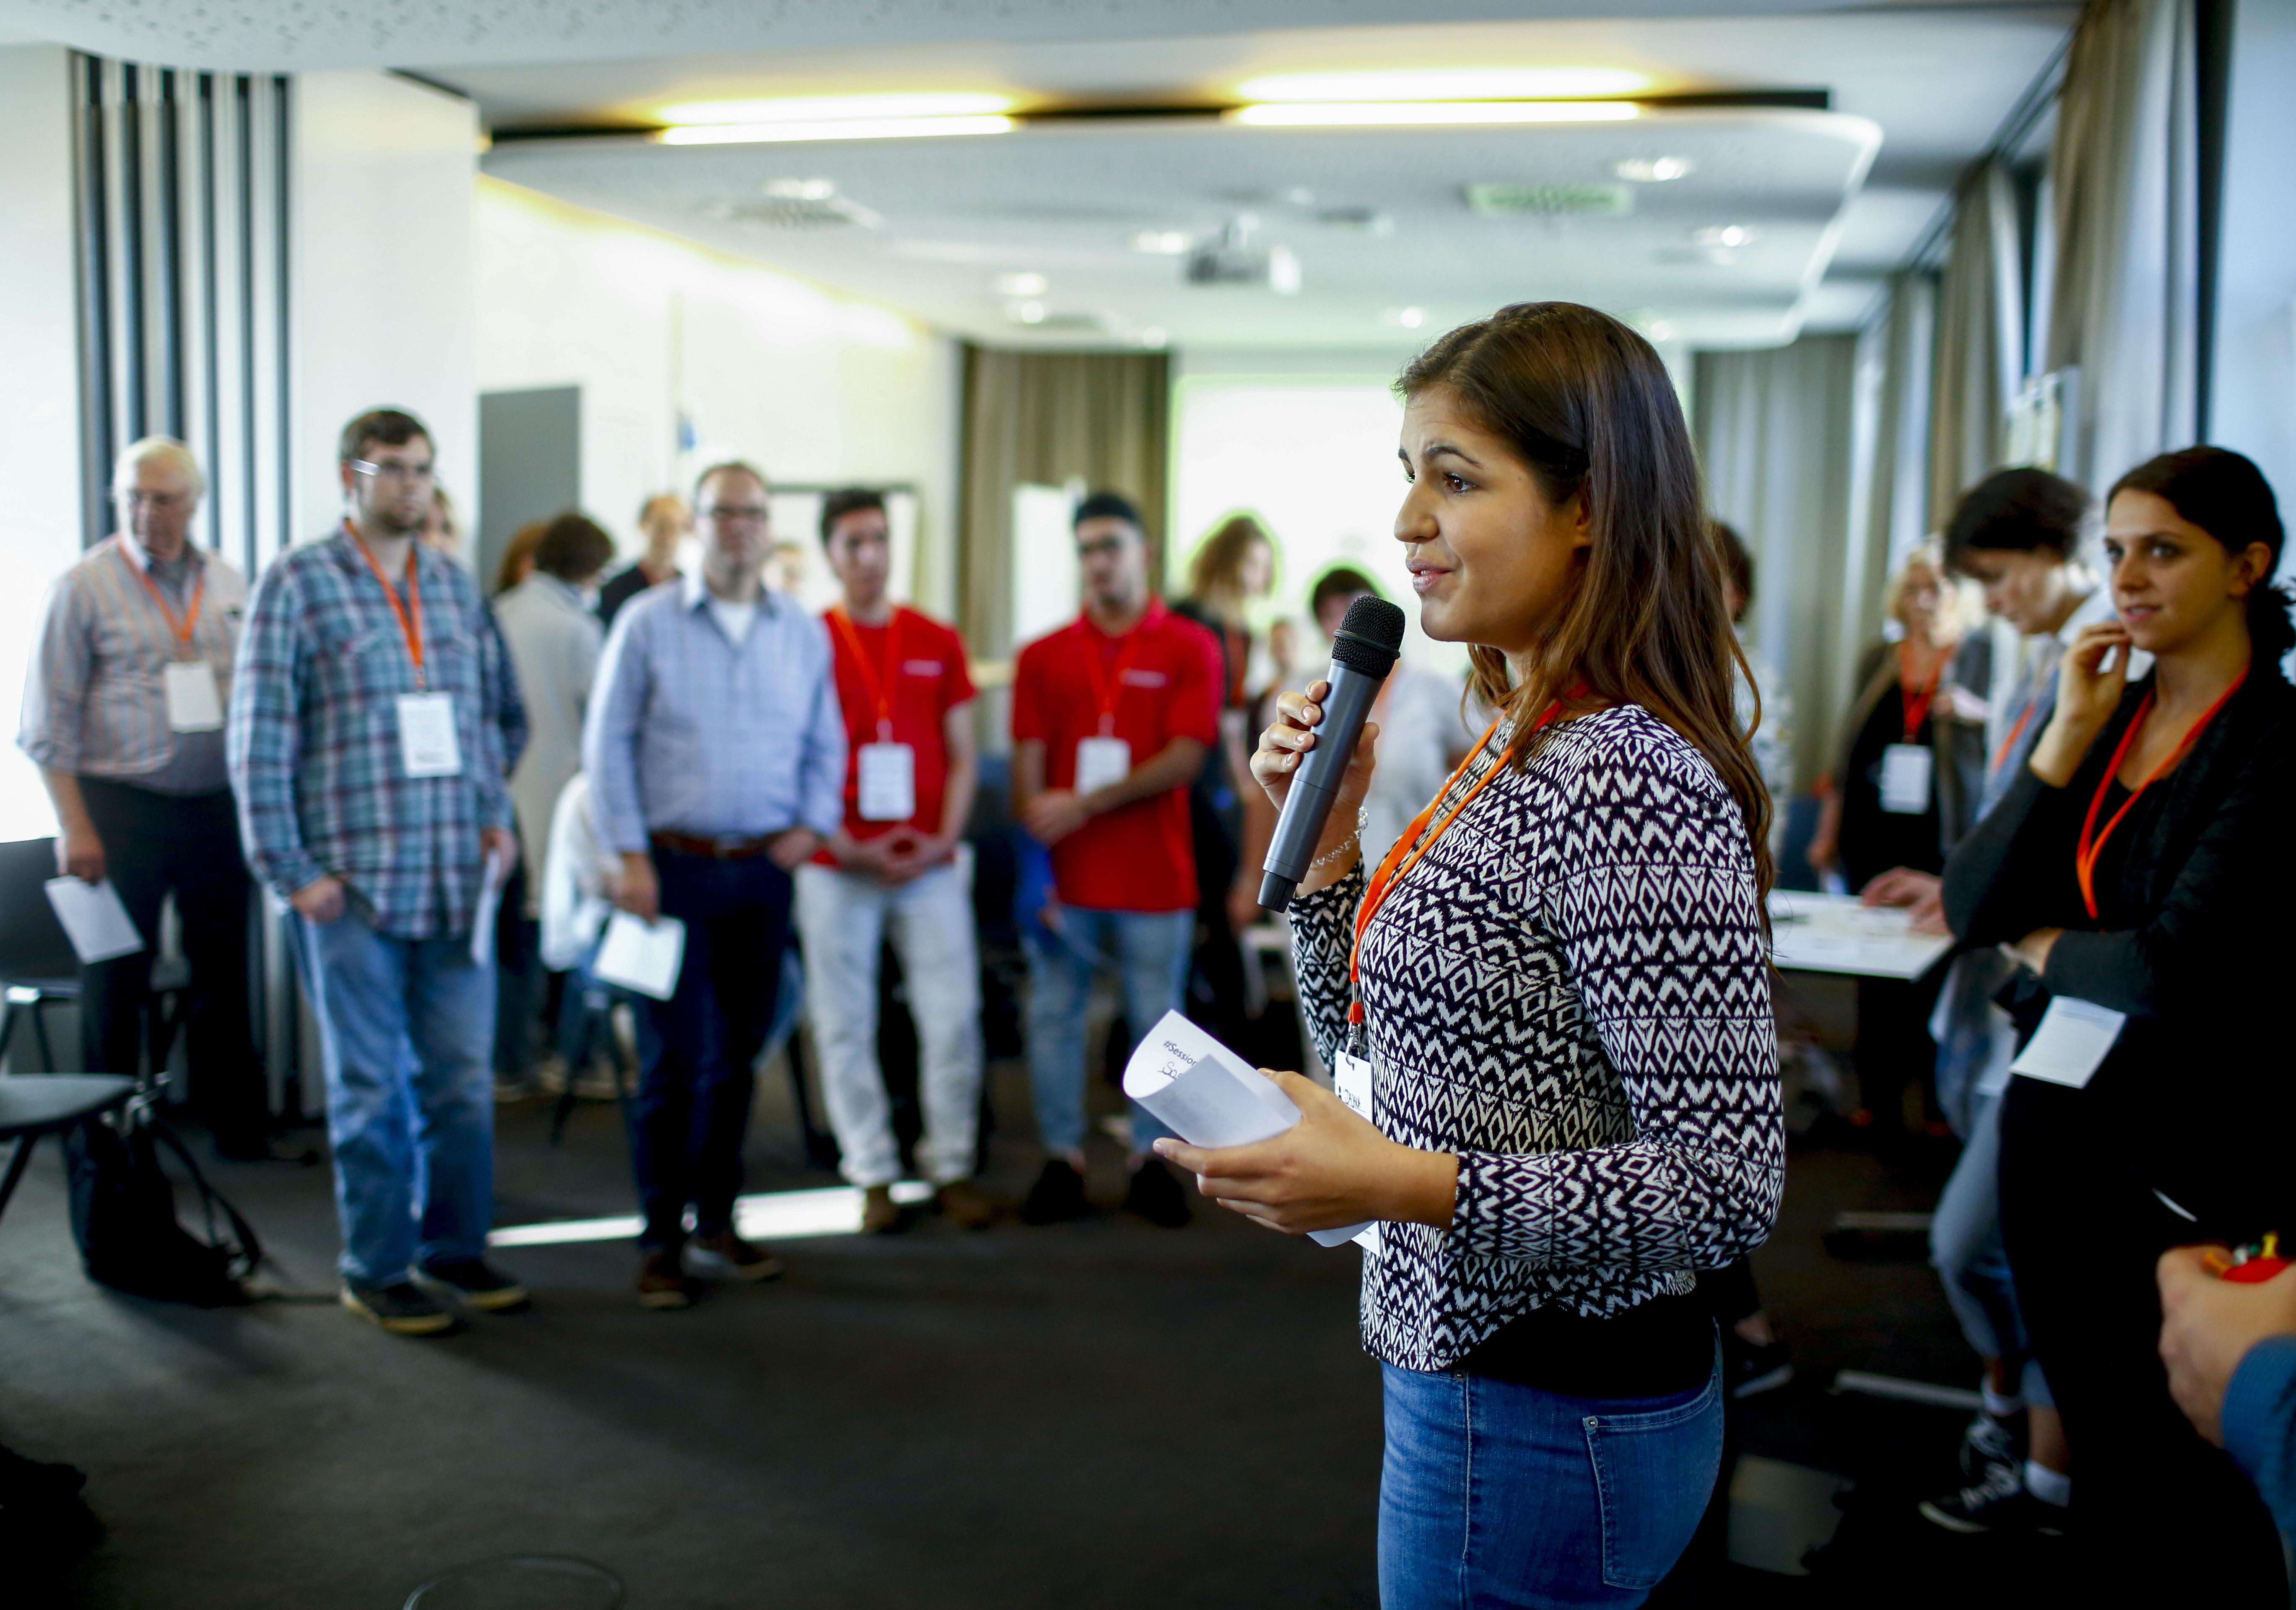 Eine junge Frau spricht vor einer Gruppe Menschen.